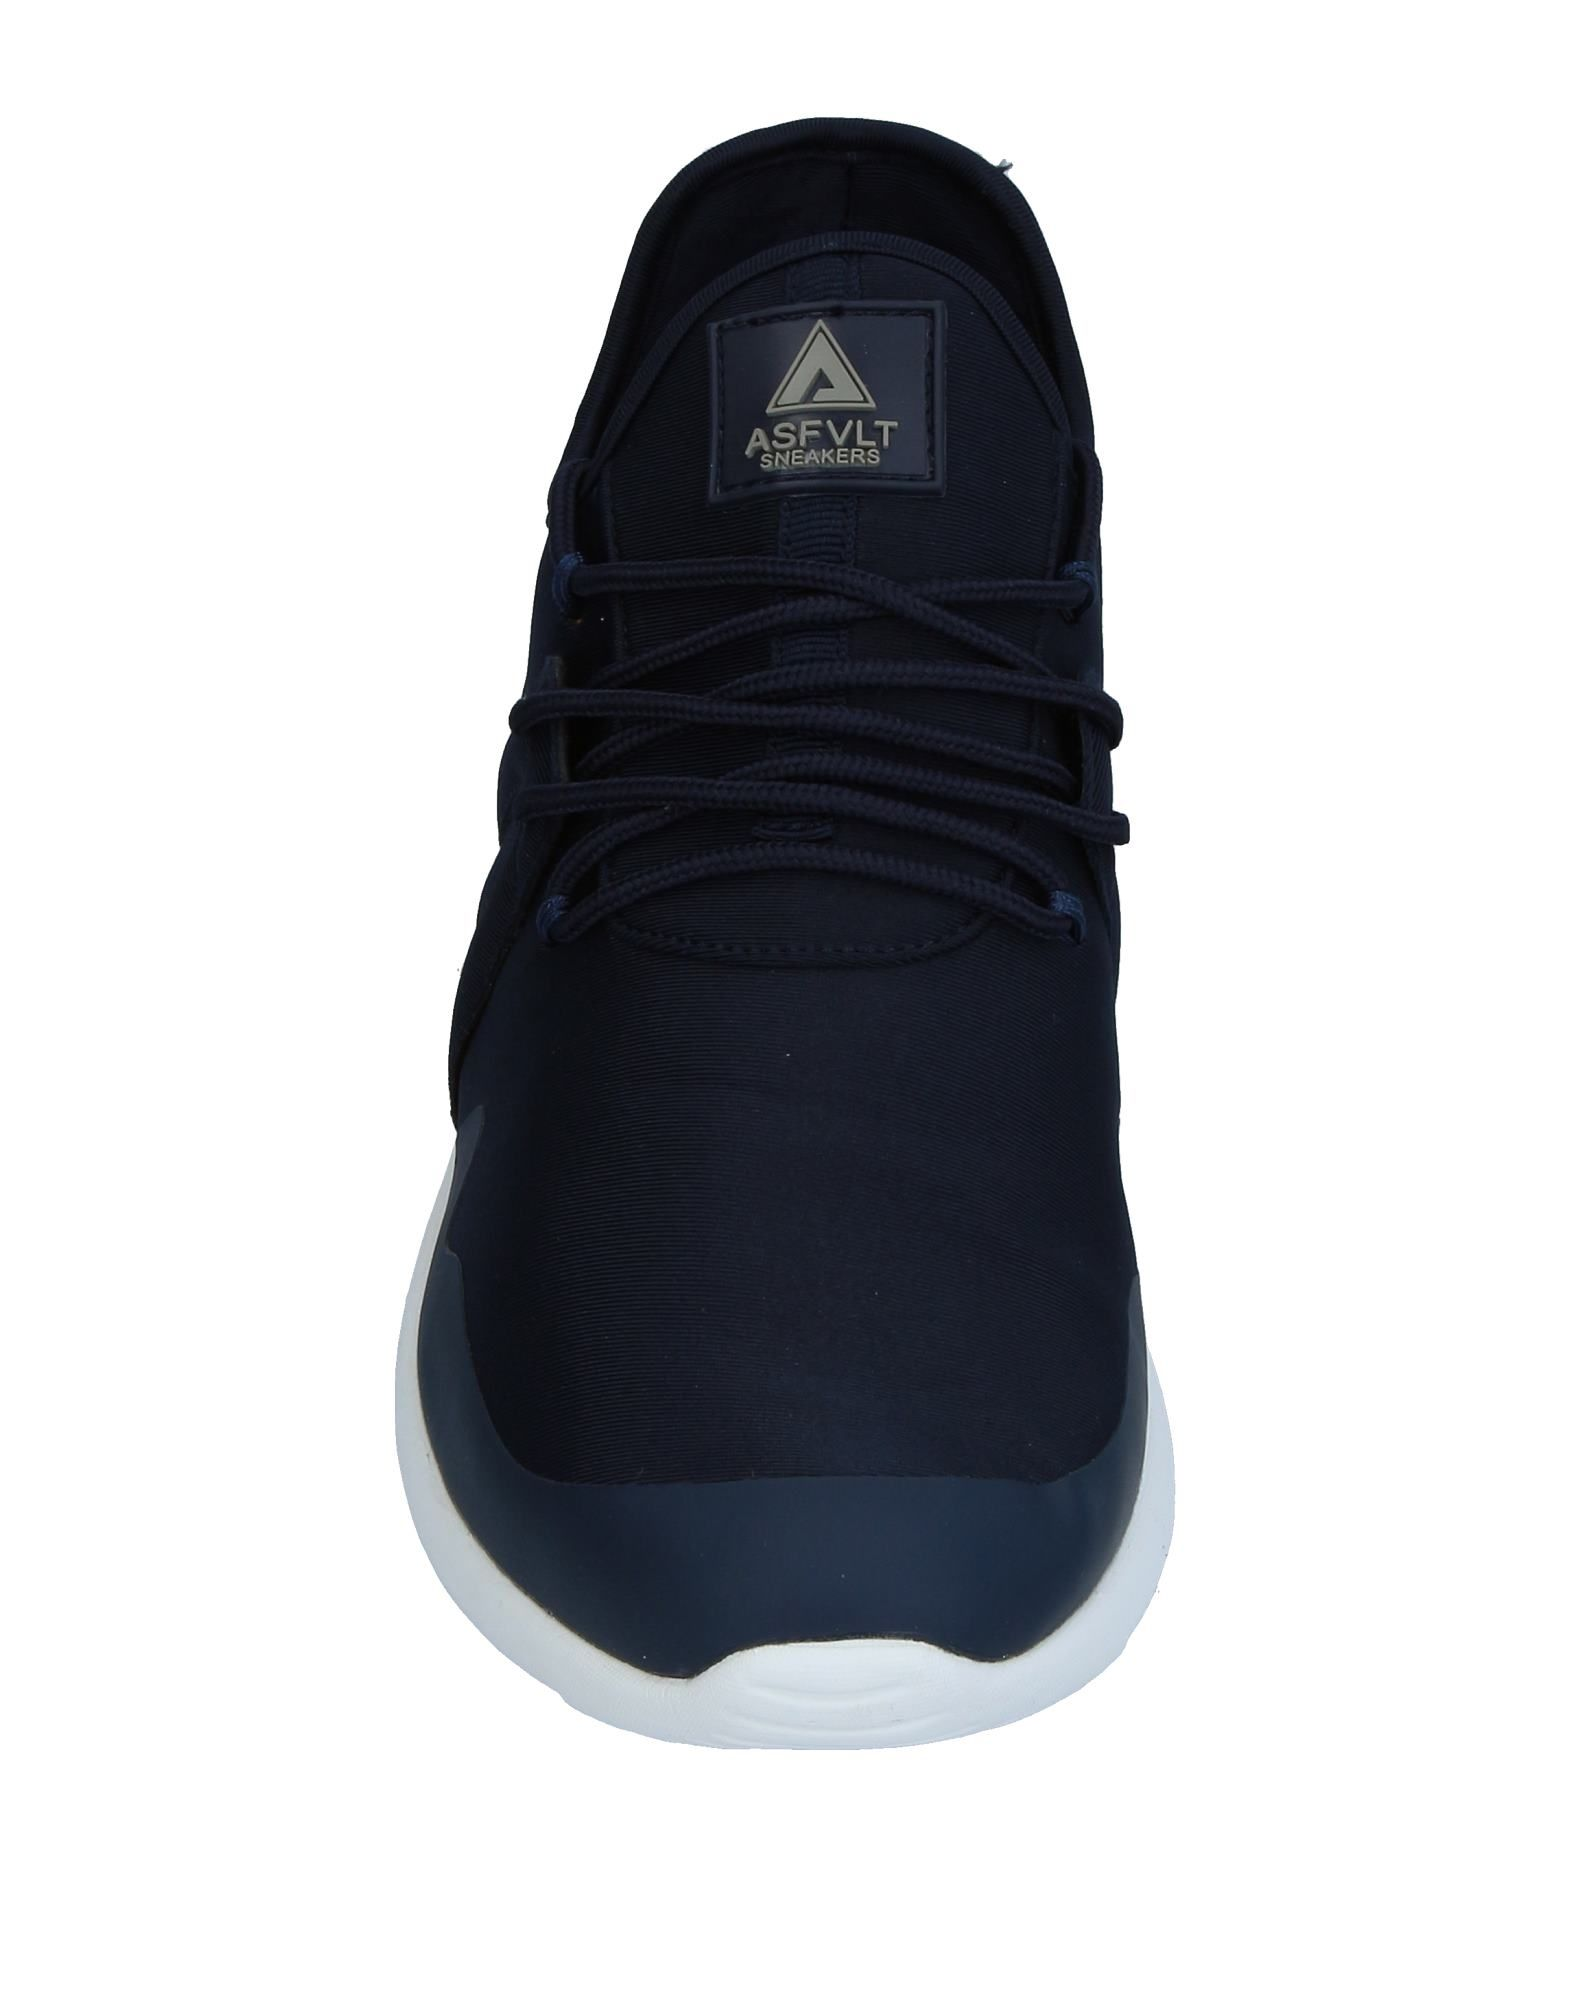 Sneakers Asfvlt Homme - Sneakers Asfvlt sur